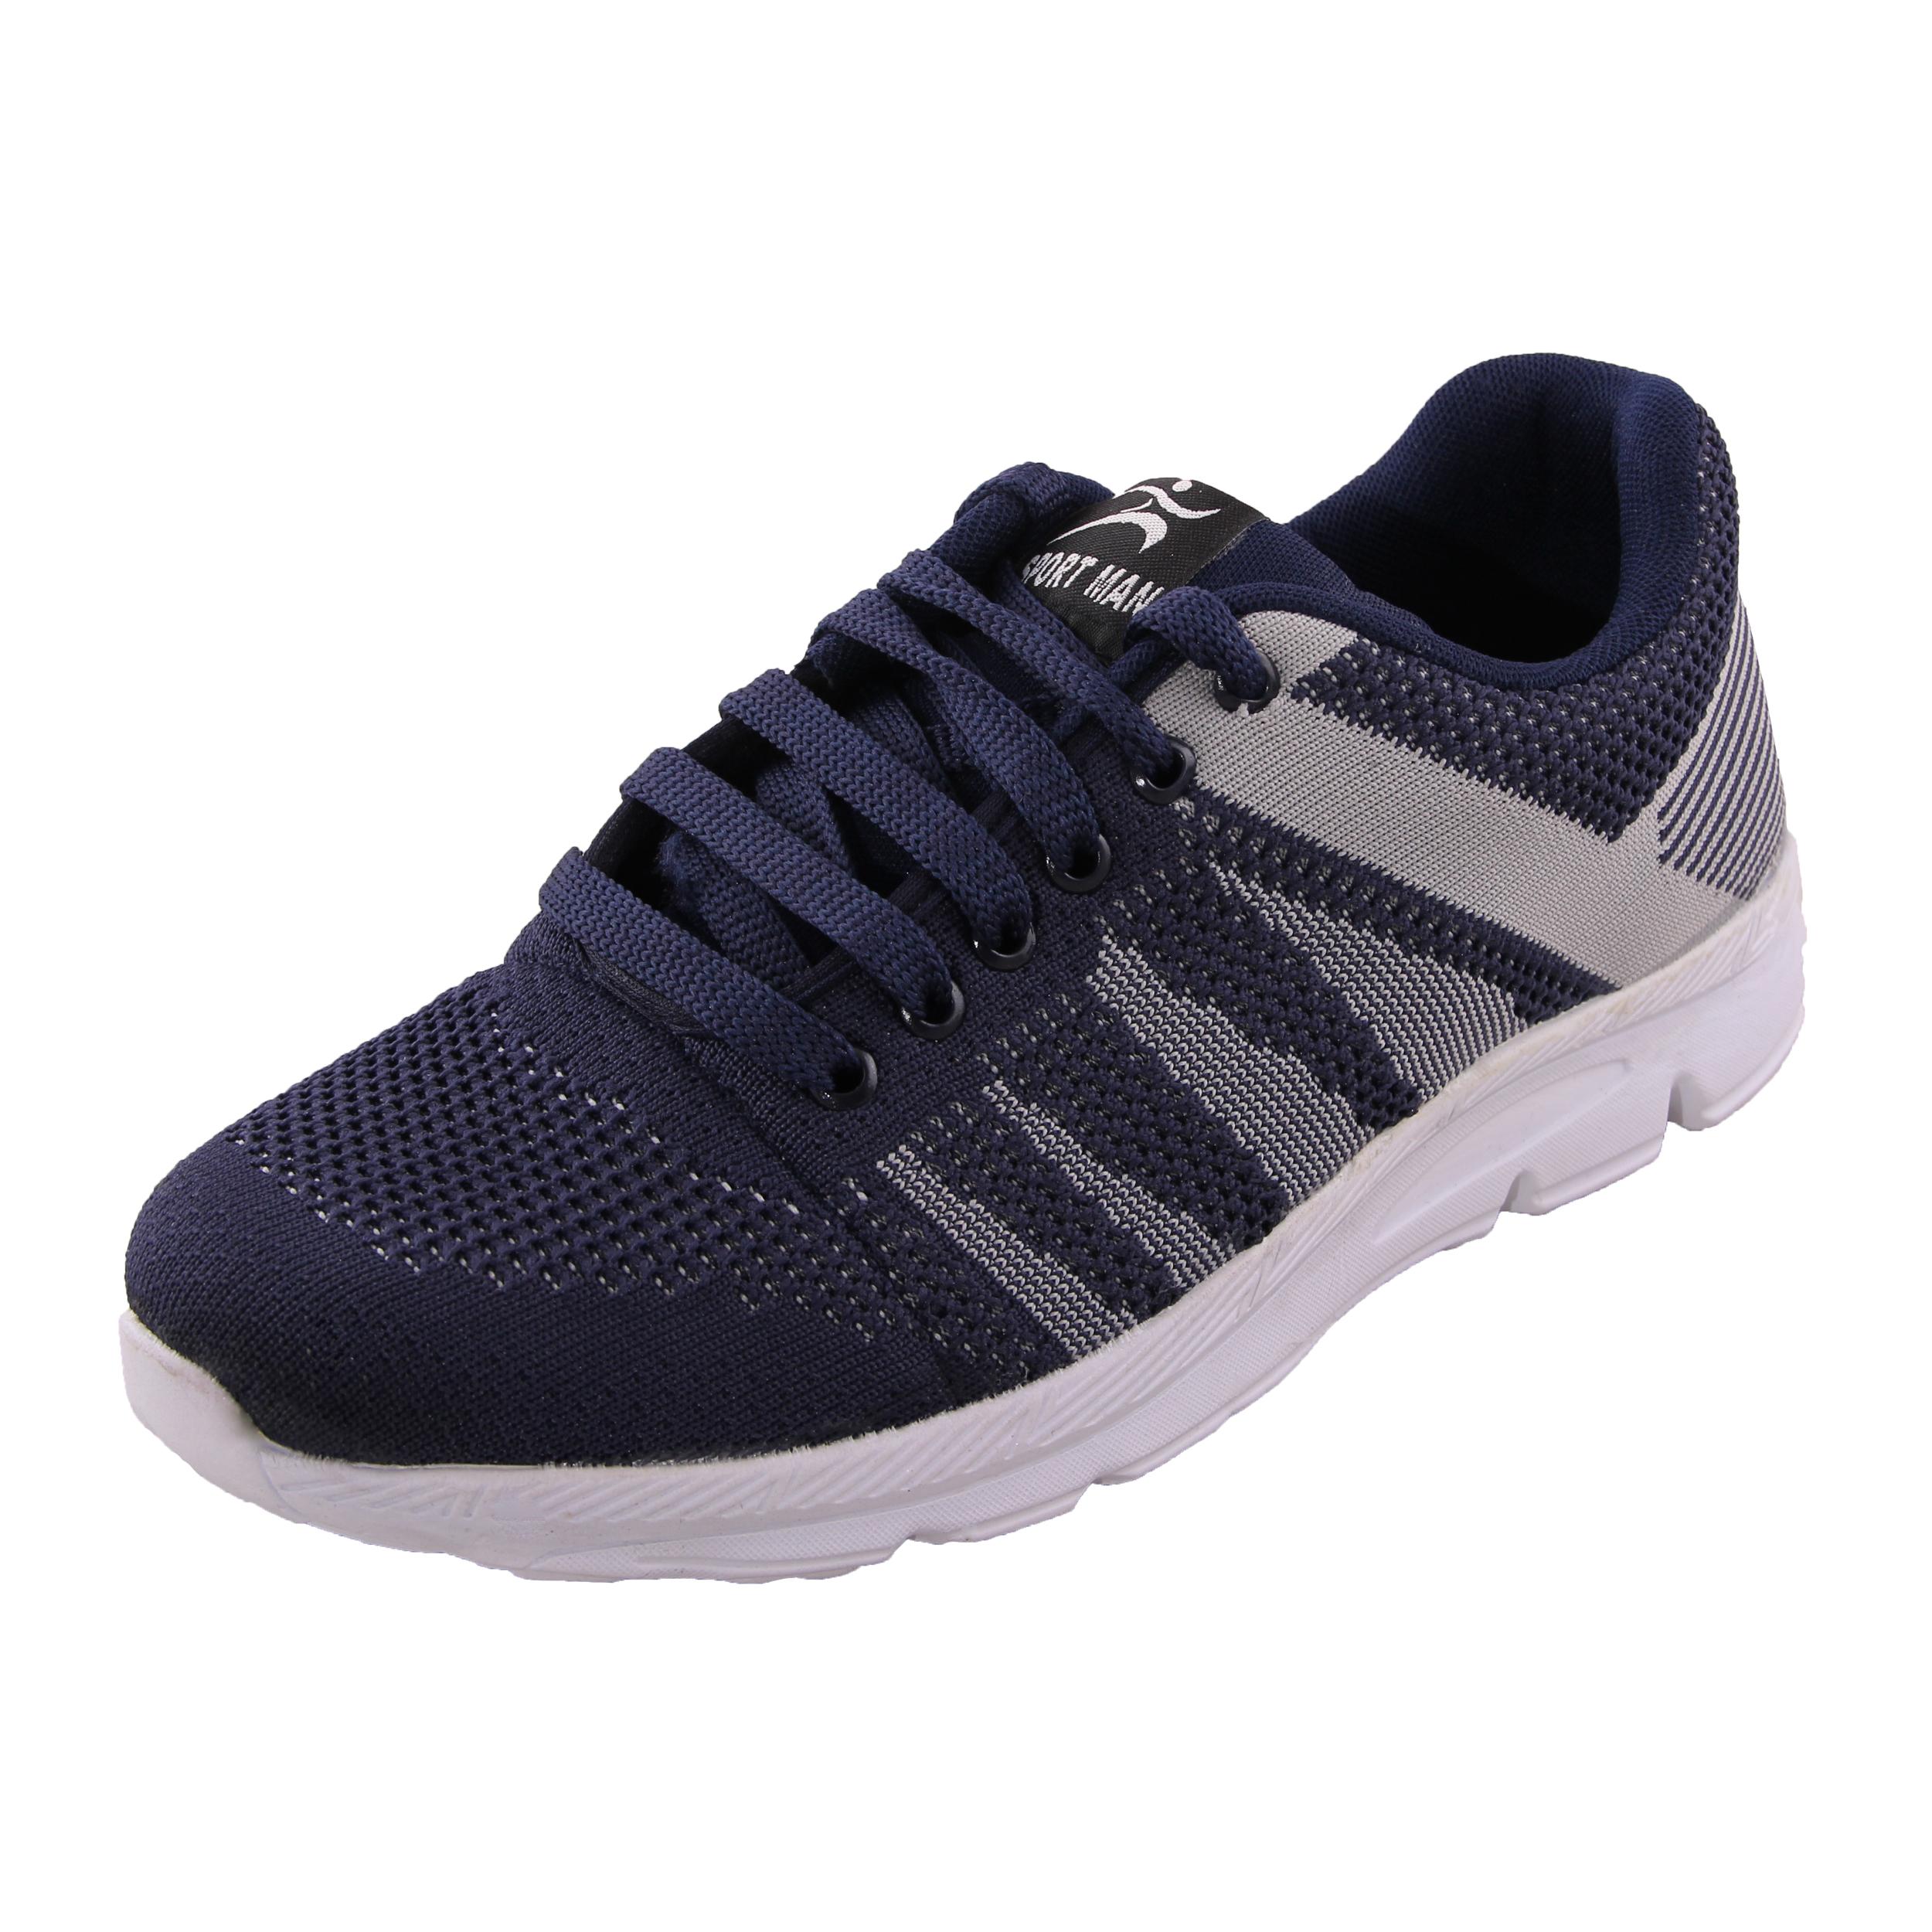 کفش مخصوص پیاده روی مردانه اسپرت من کد 13-39954